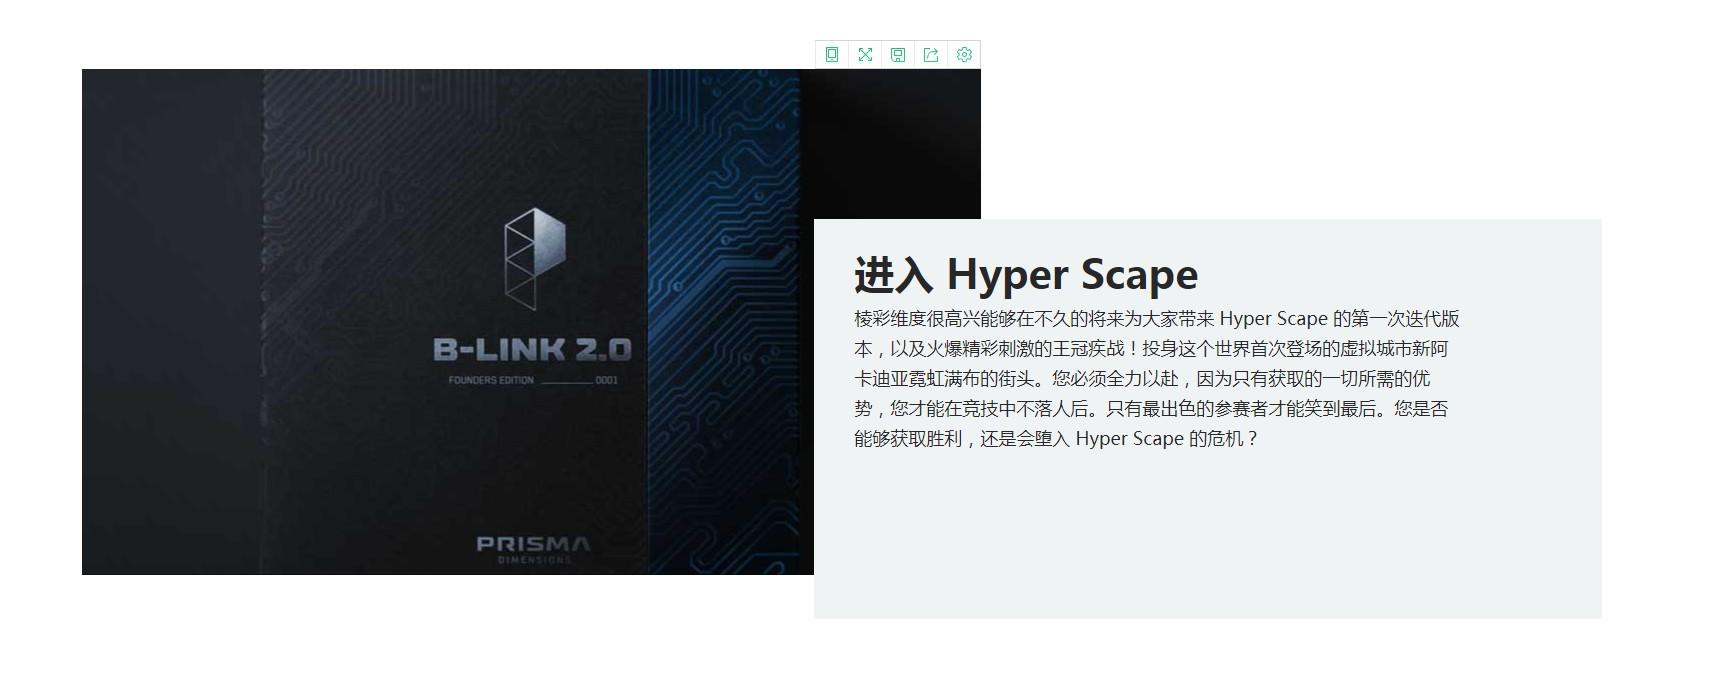 育碧新游《Hyper Scape》正式公布 官网已上线